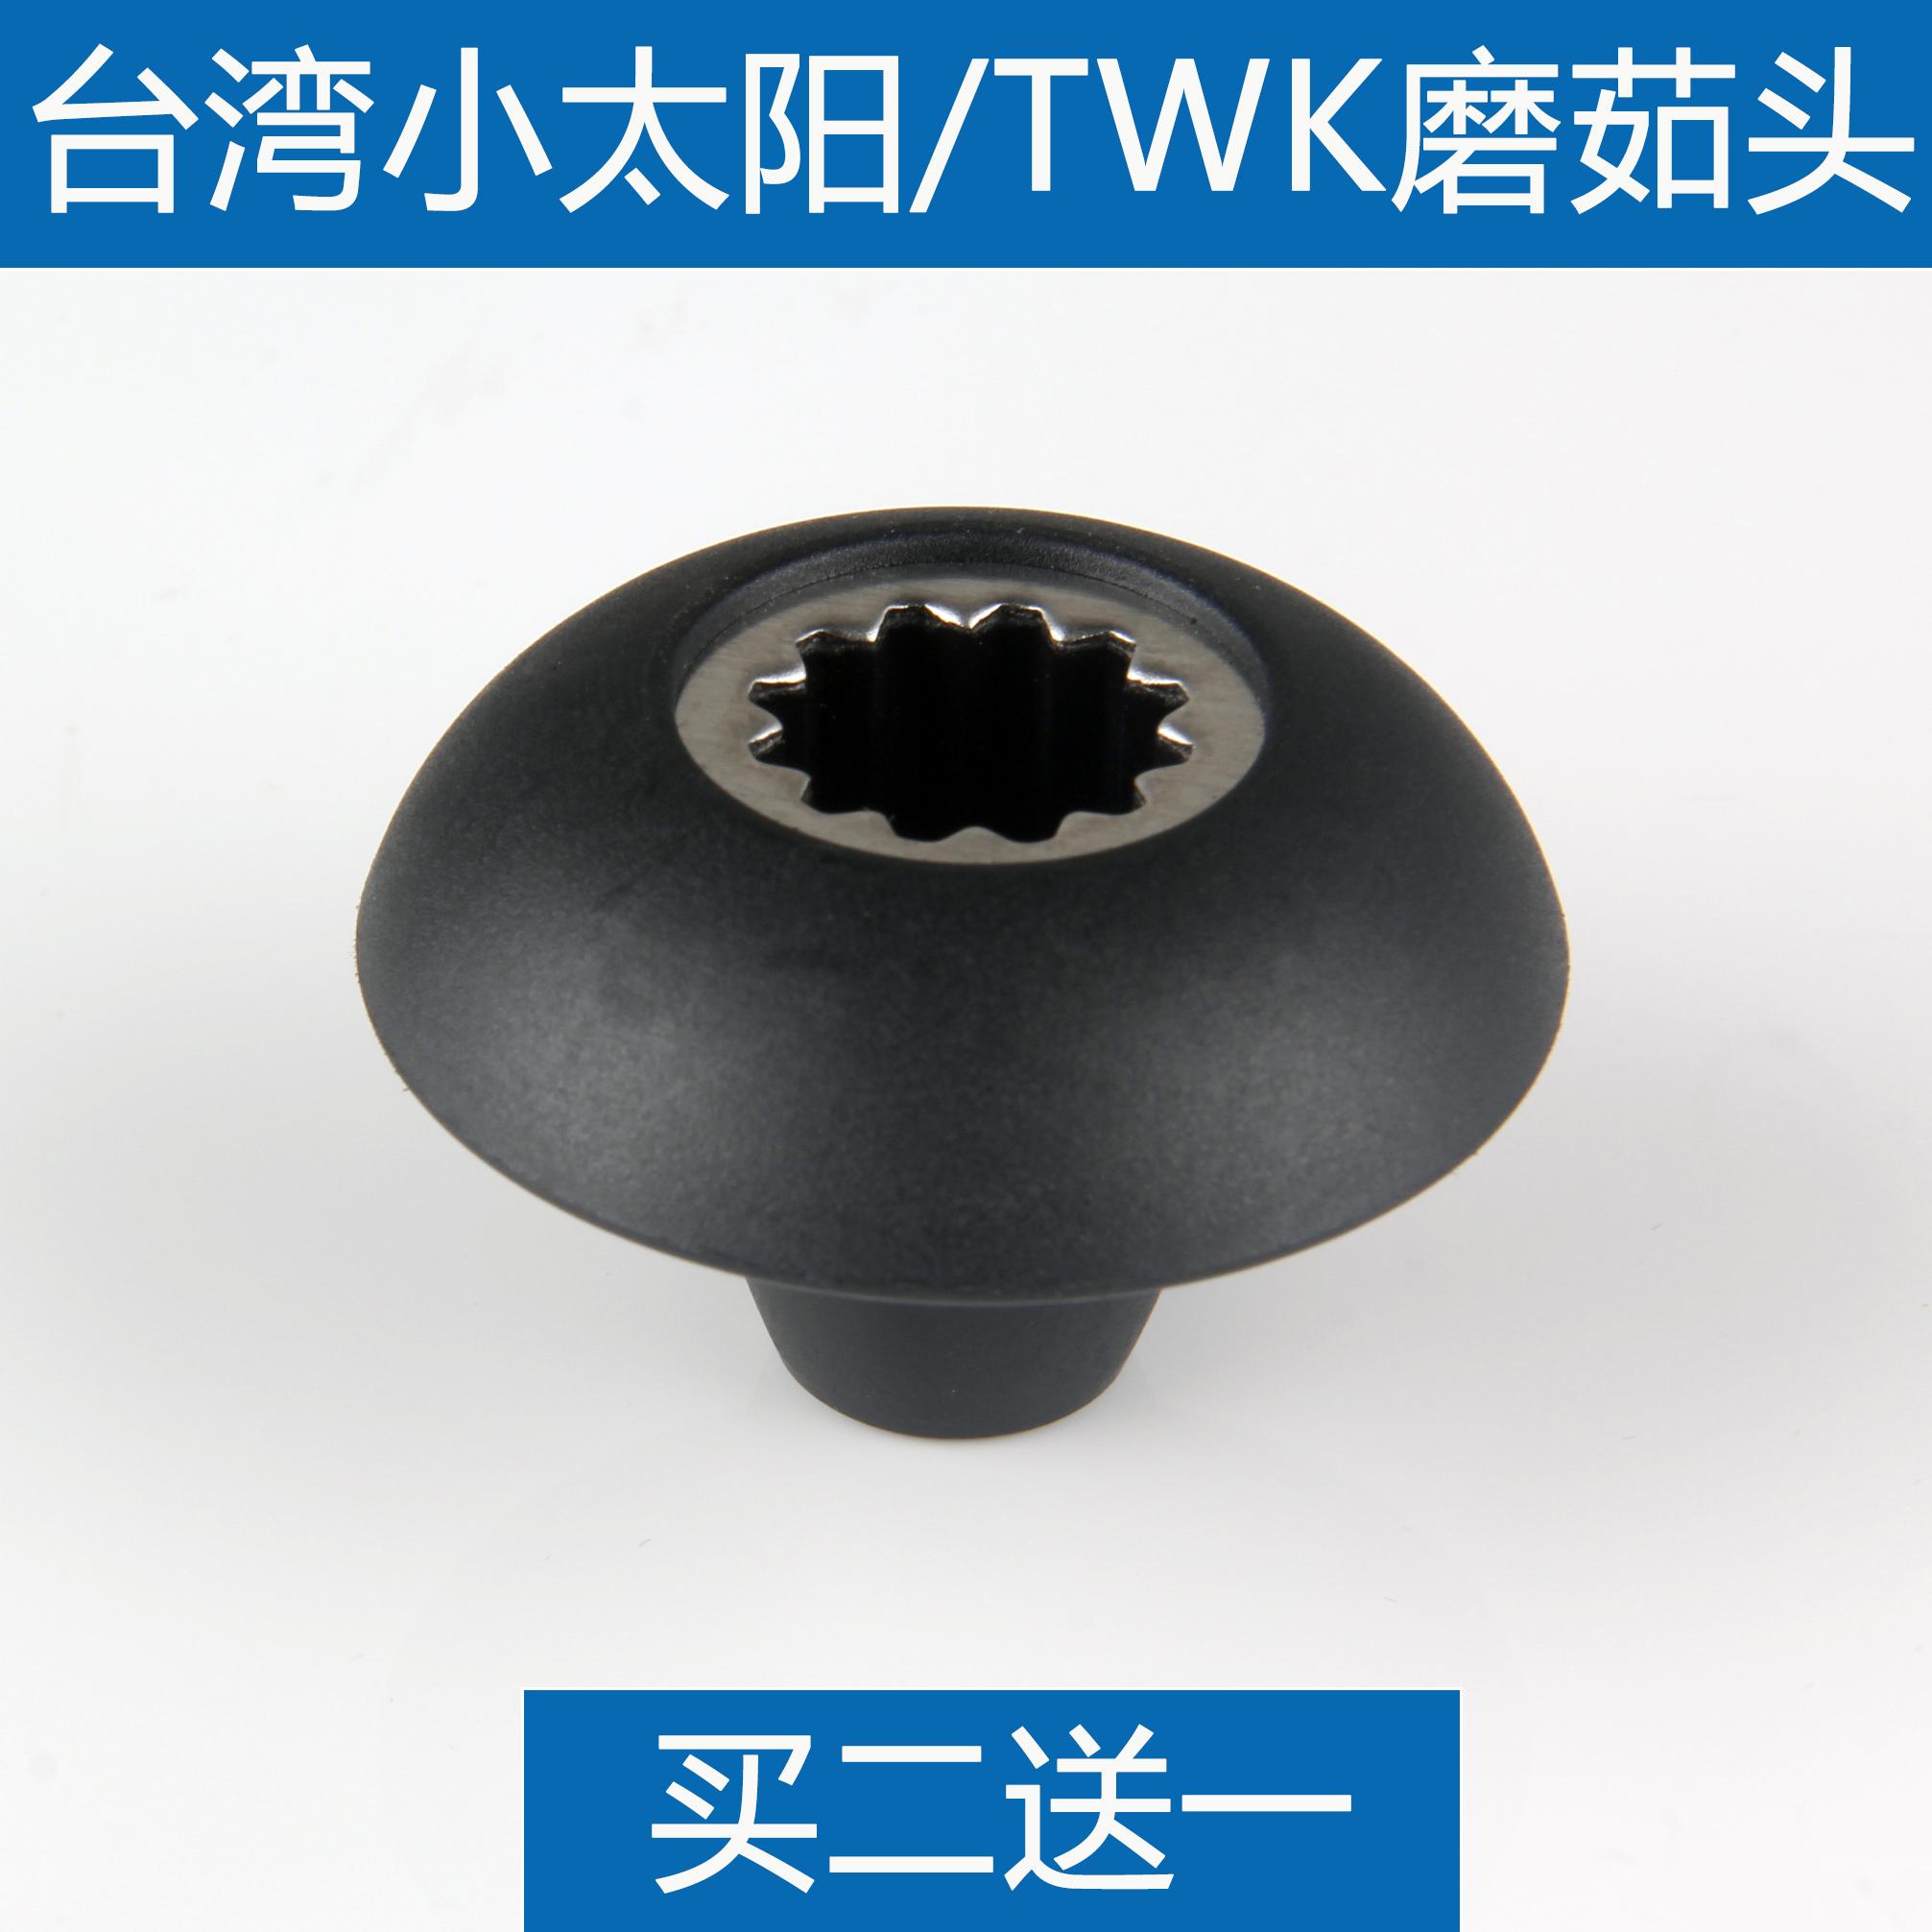 臺灣小太陽TM-767大馬力沙冰機寶島TWK-800豆漿機蘑菇頭齒輪配件